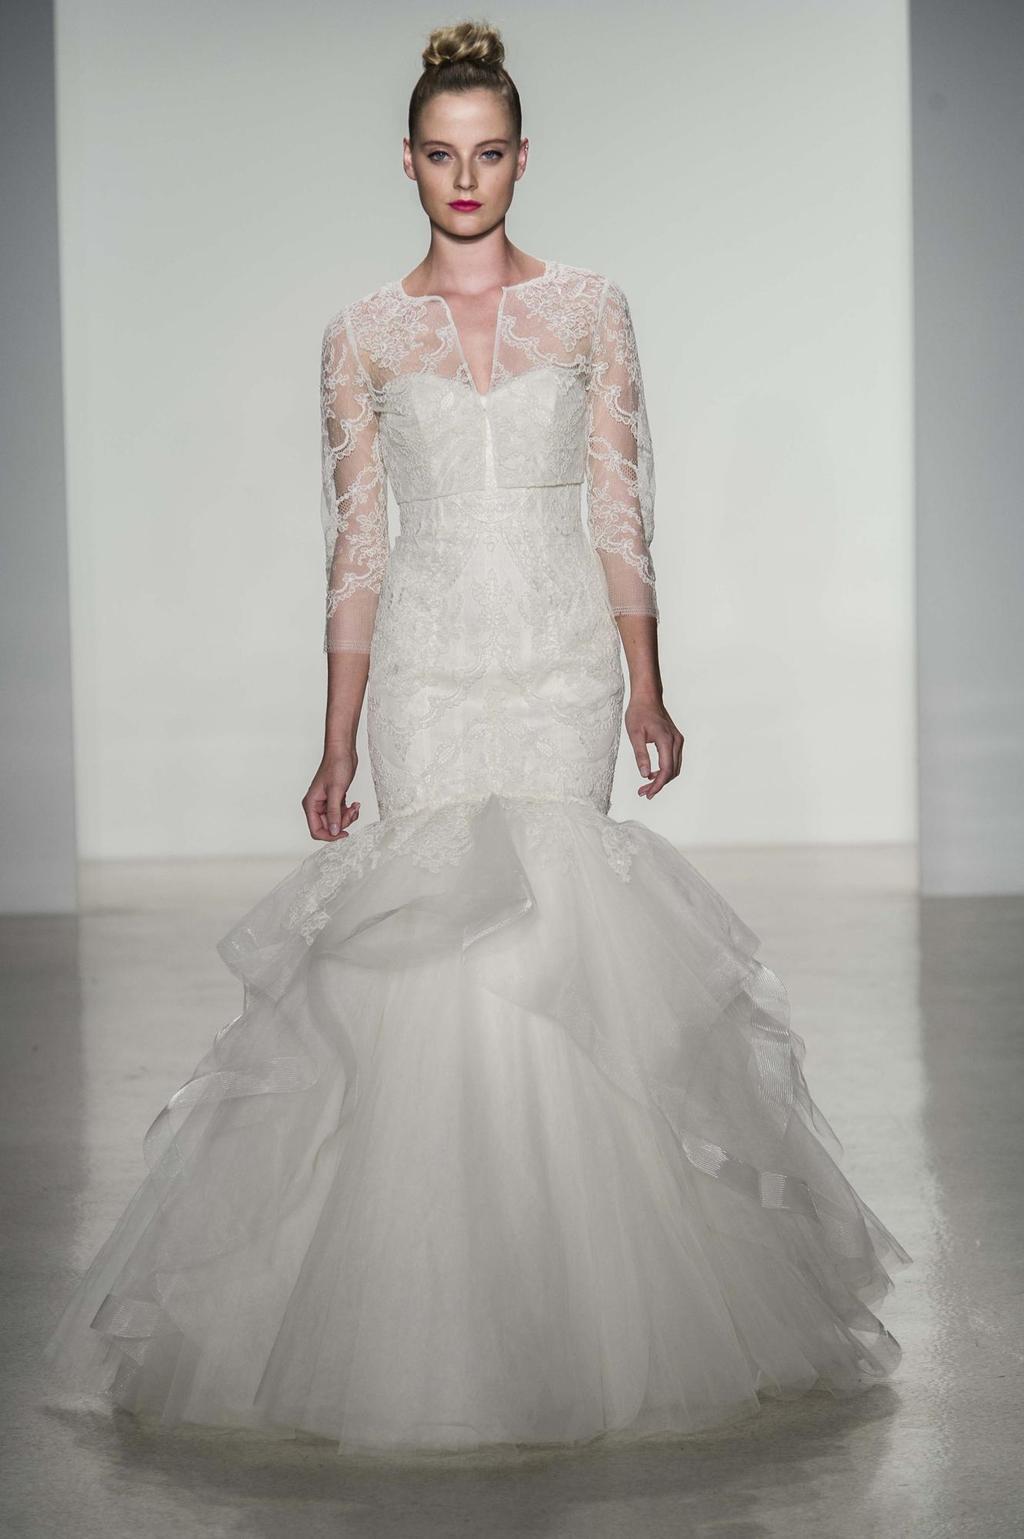 Carson-wedding-dress-by-amsale-fall-2014-bridal.full